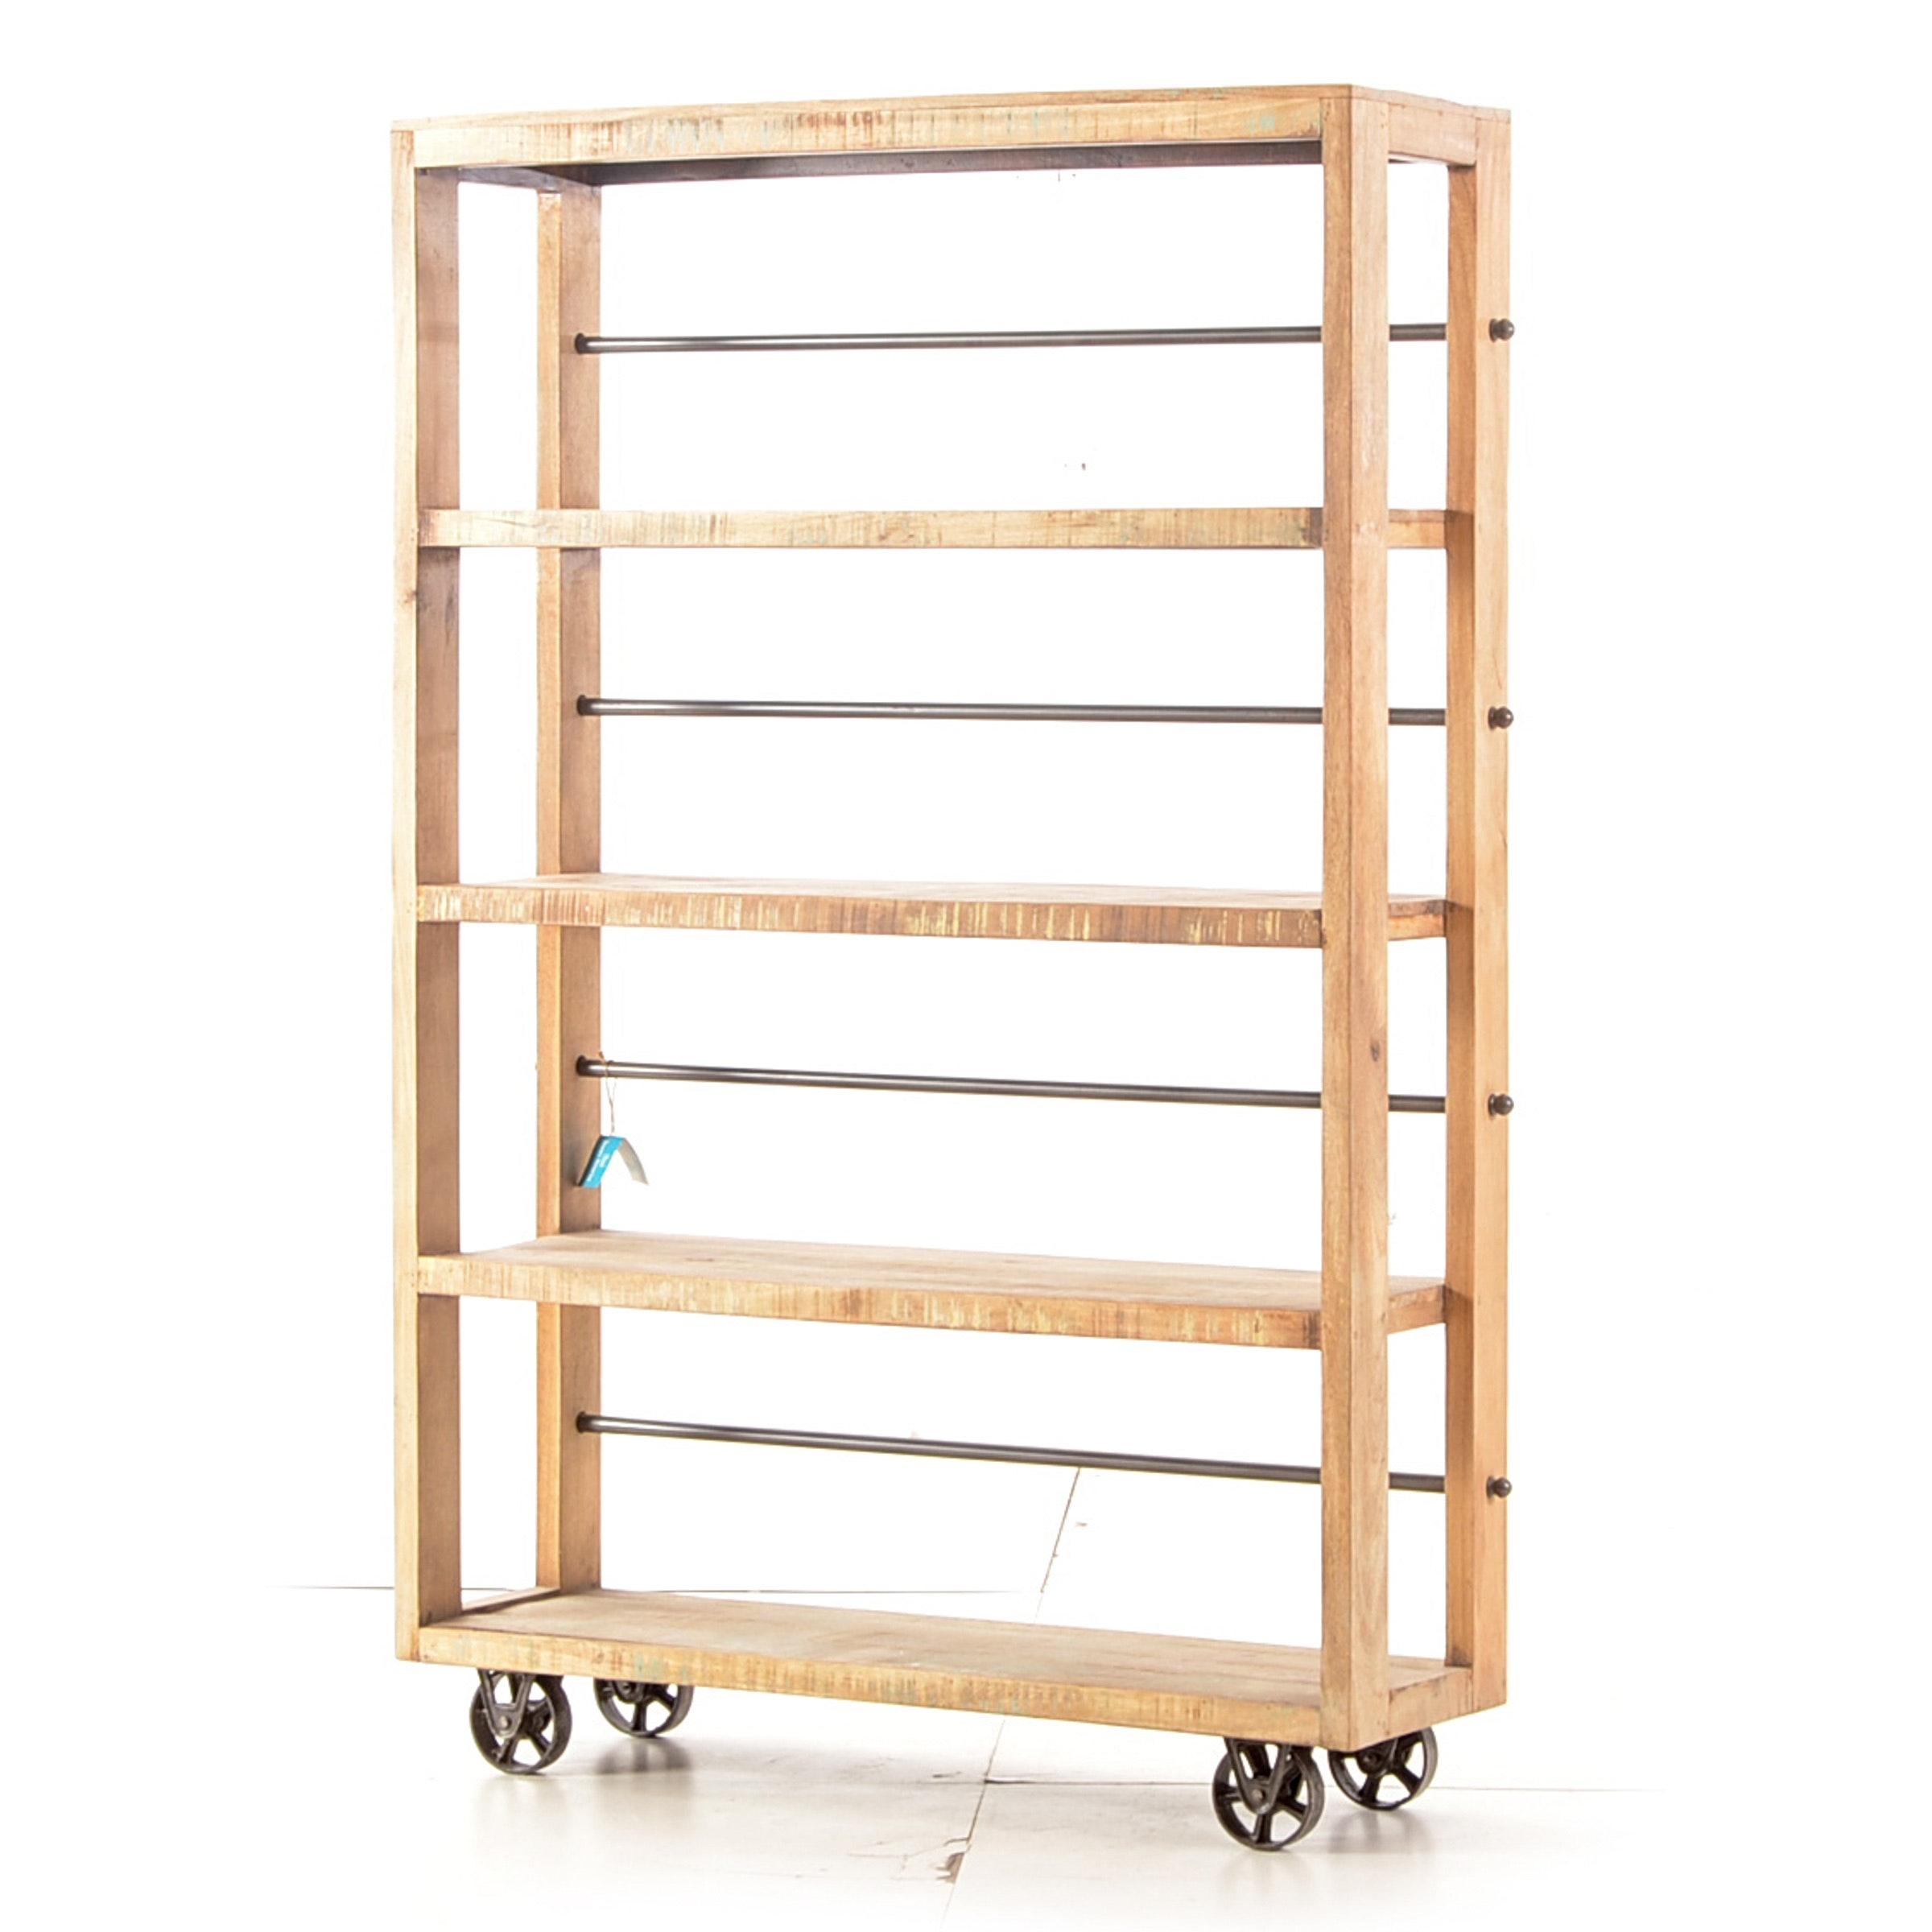 Large Storage Shelving Unit by Steinworld